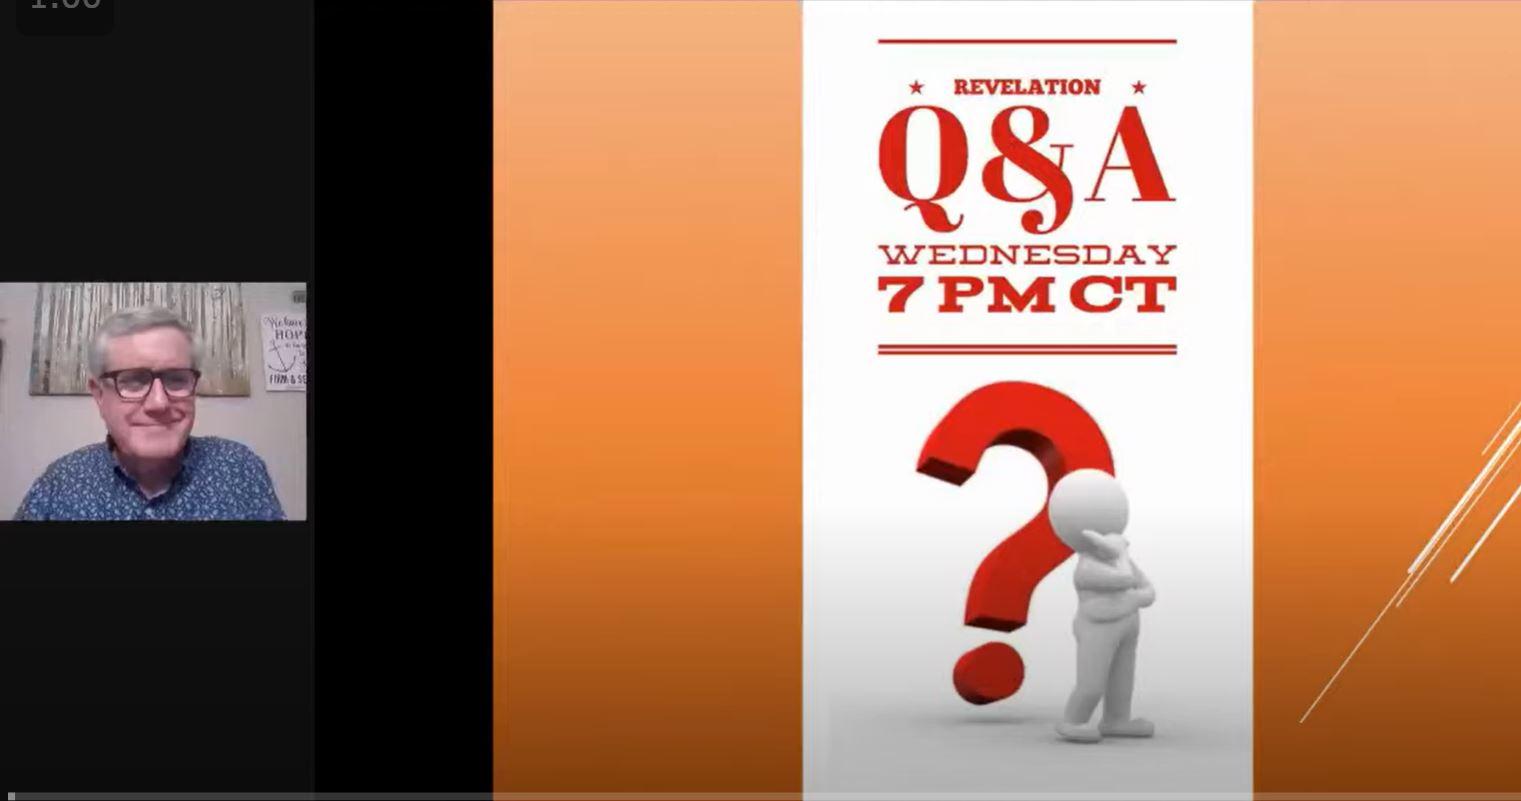 Revelation Q&A